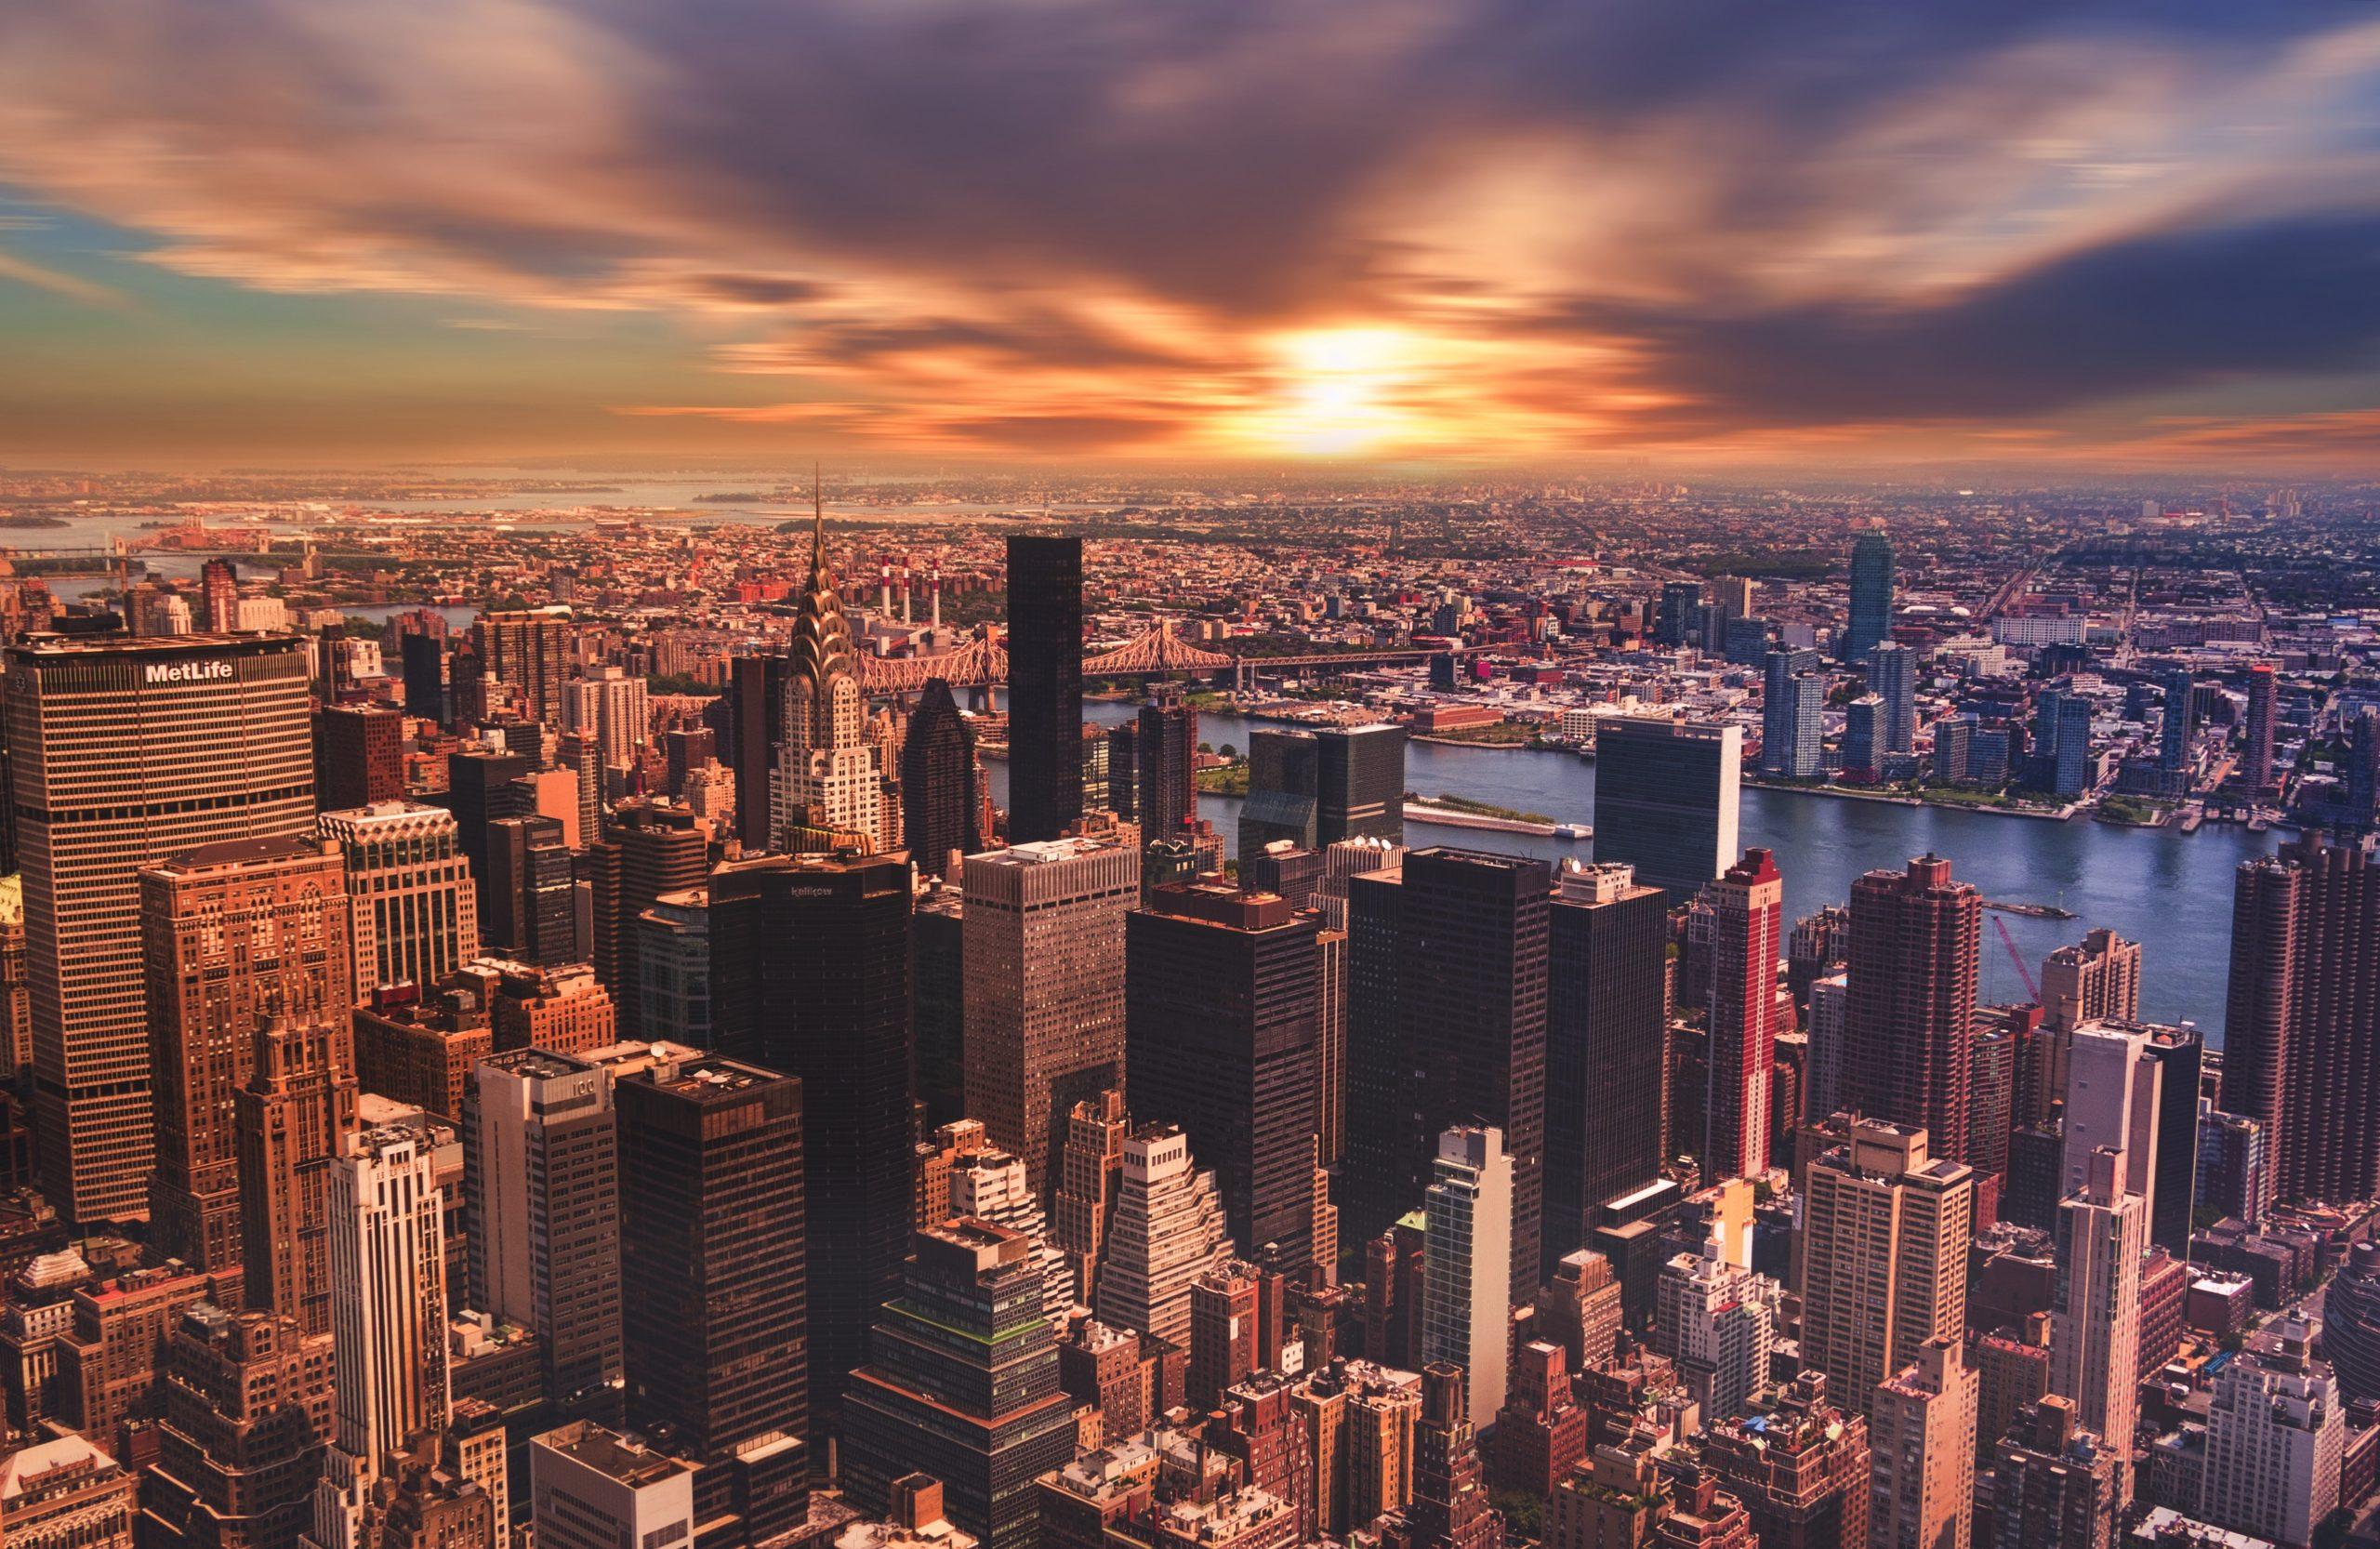 افضل فنادق نيويورك حسب المناطق الآمنة و المناسبة للسياح